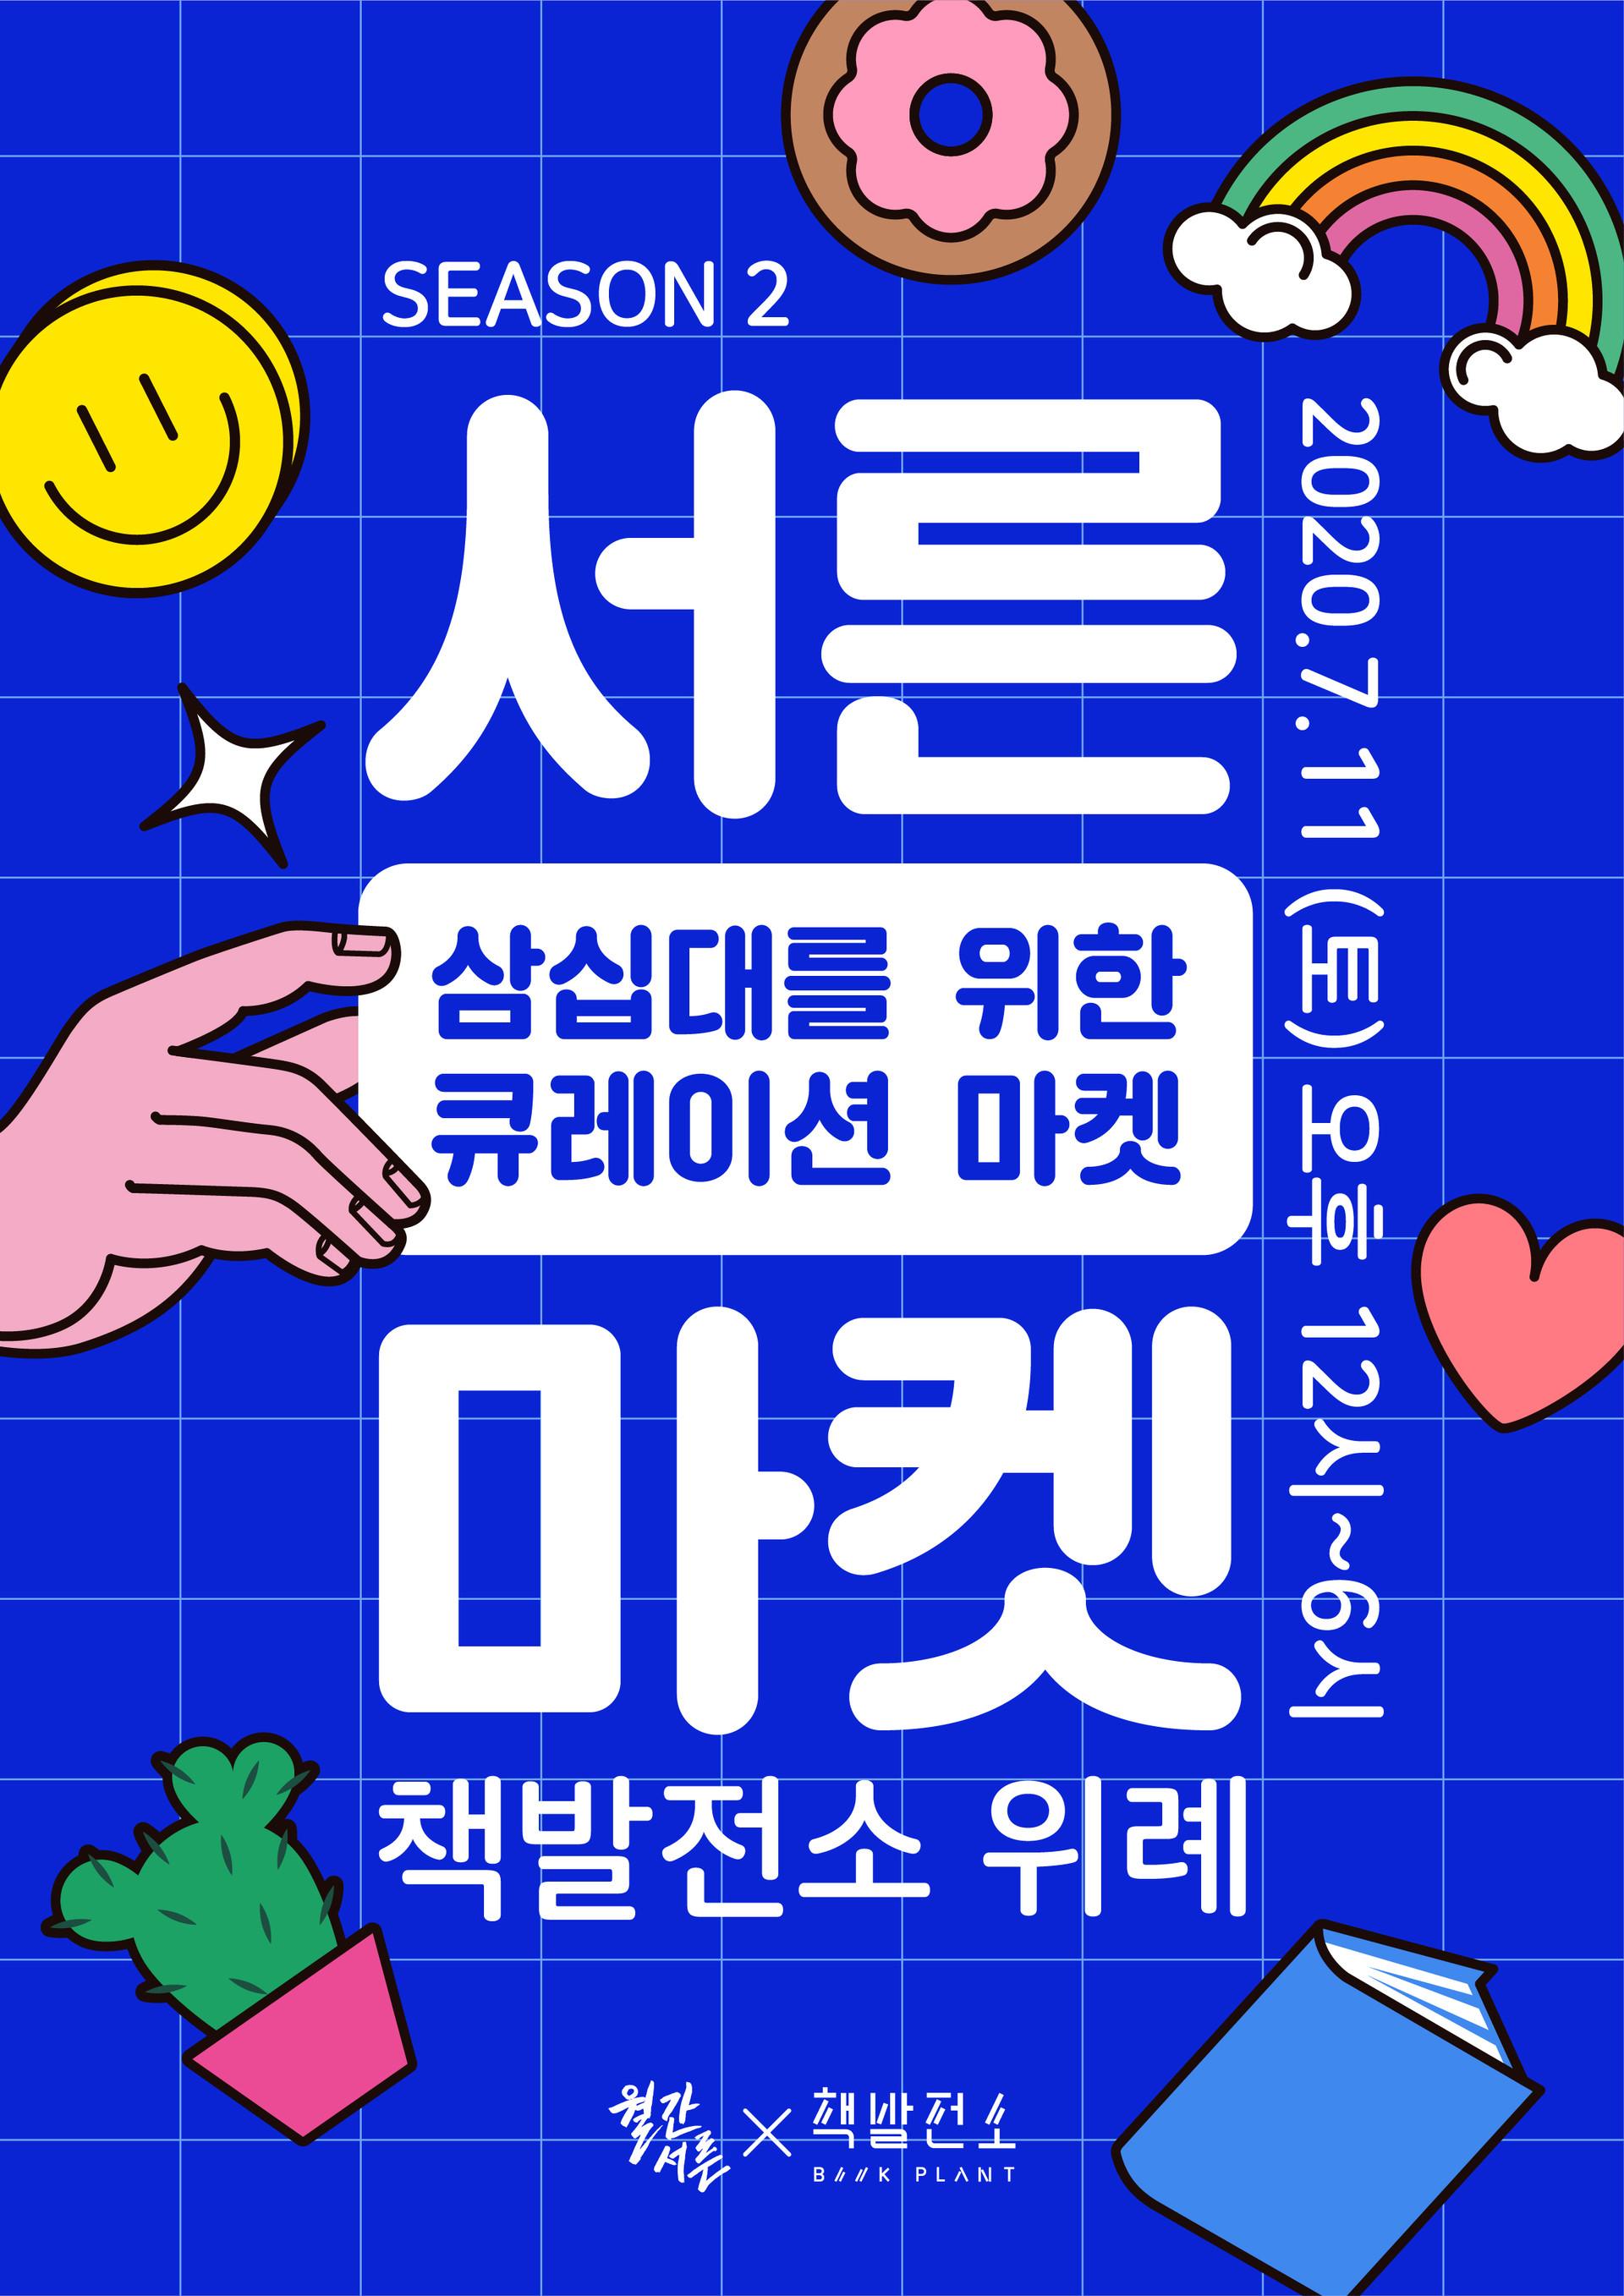 제 1회 플리마켓<br><br> 2019.11.23(토) <br><br>